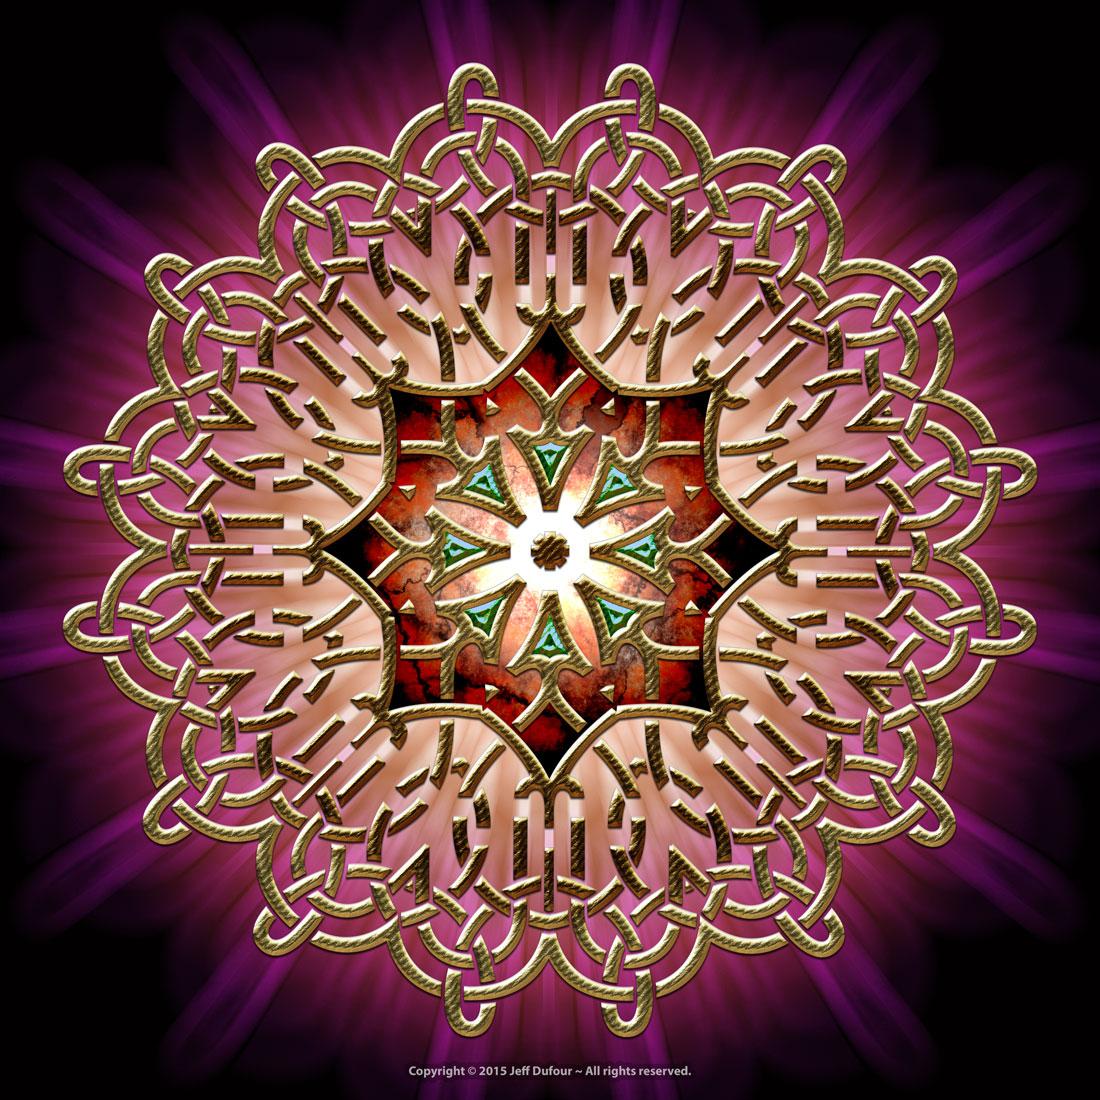 Golden Emblem - Sacred Symmetry